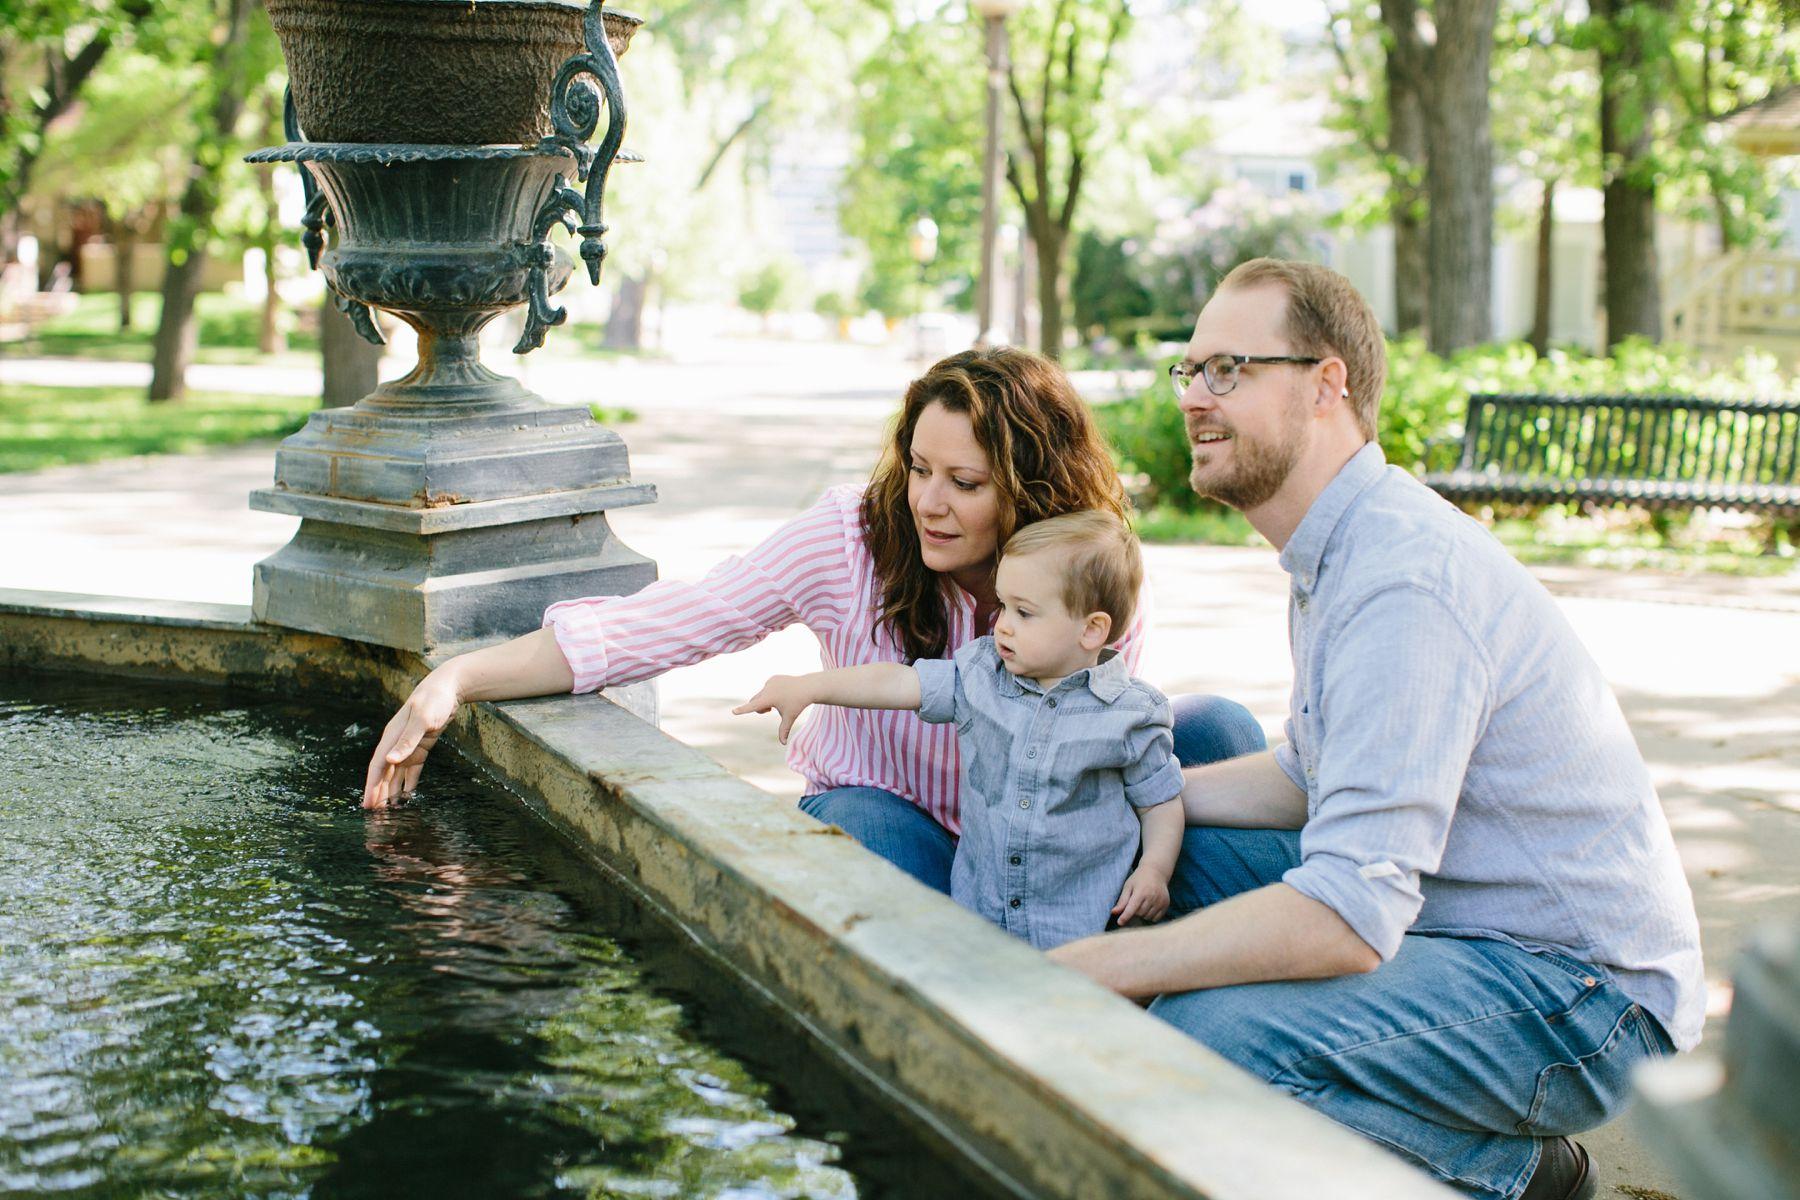 Saint_Paul_Family_Photos-Historic_Parks_1368.jpg